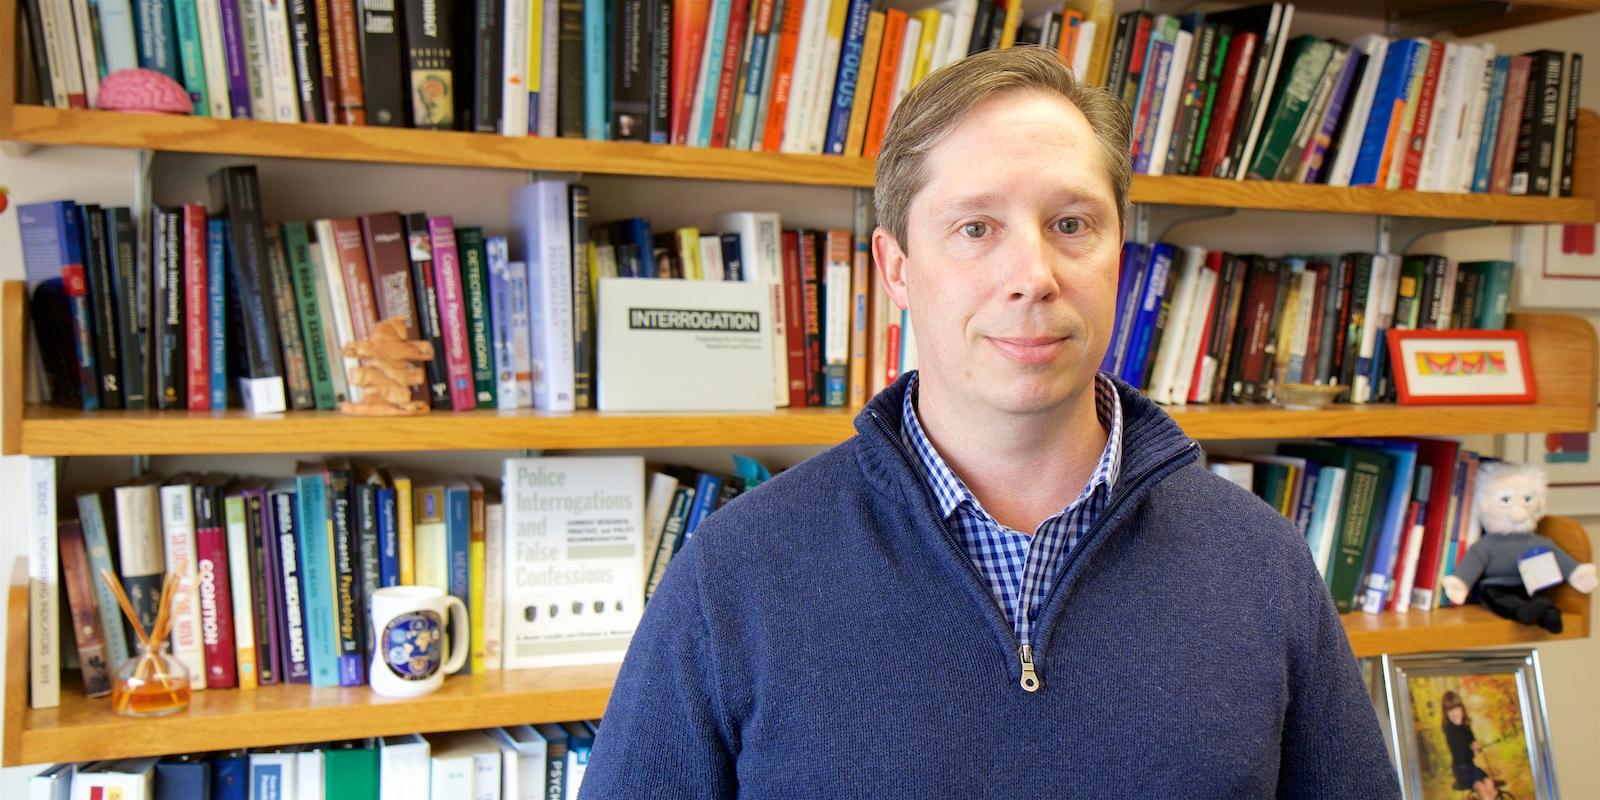 Chris Meissner poses in front of bookshelves.